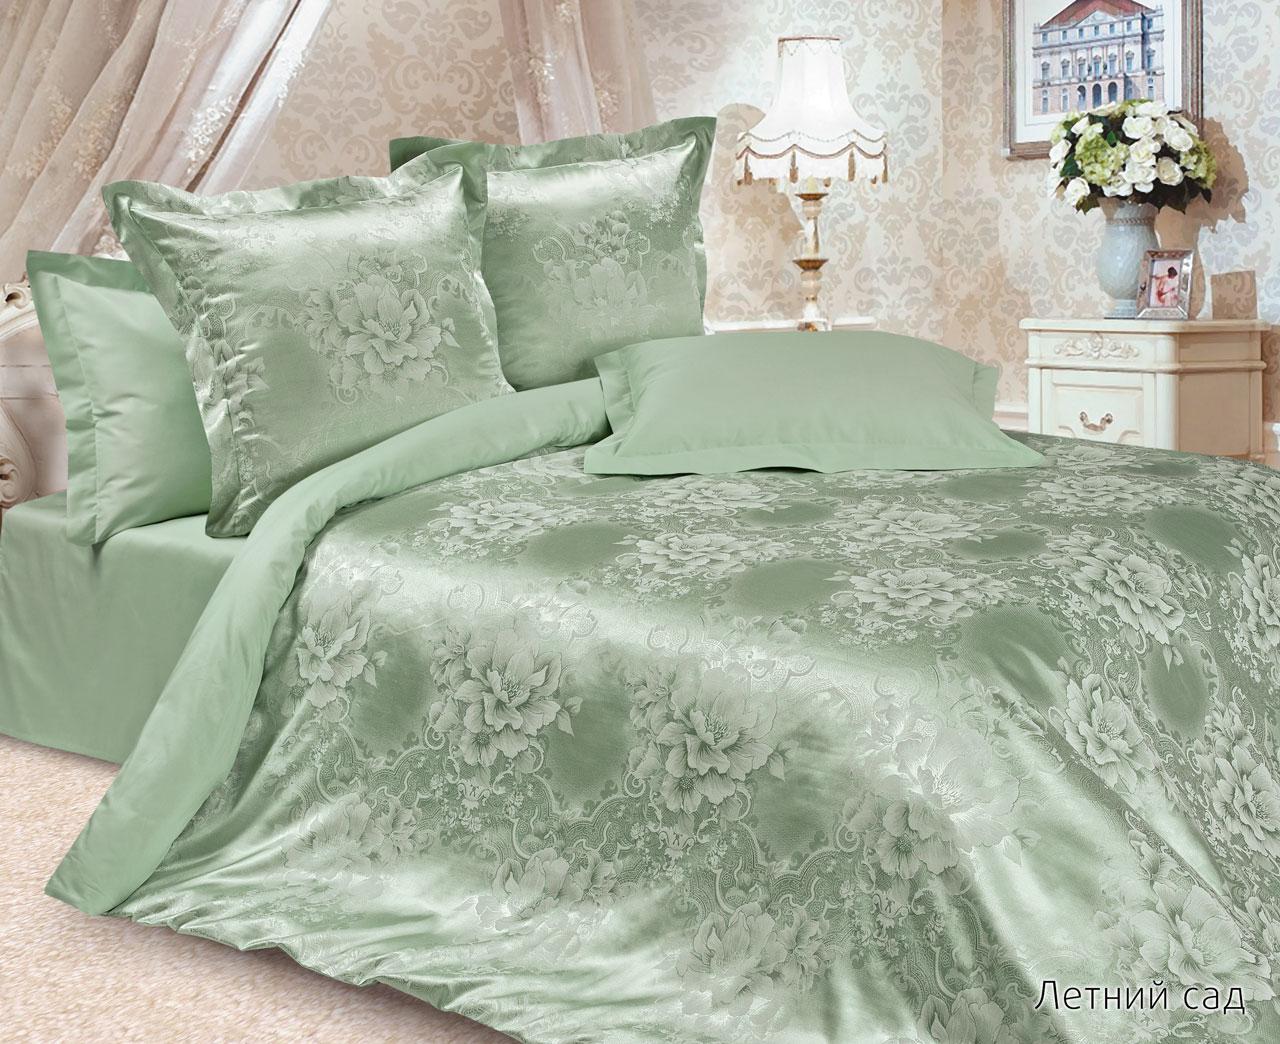 Комплекты постельного белья Ecotex ecx391971